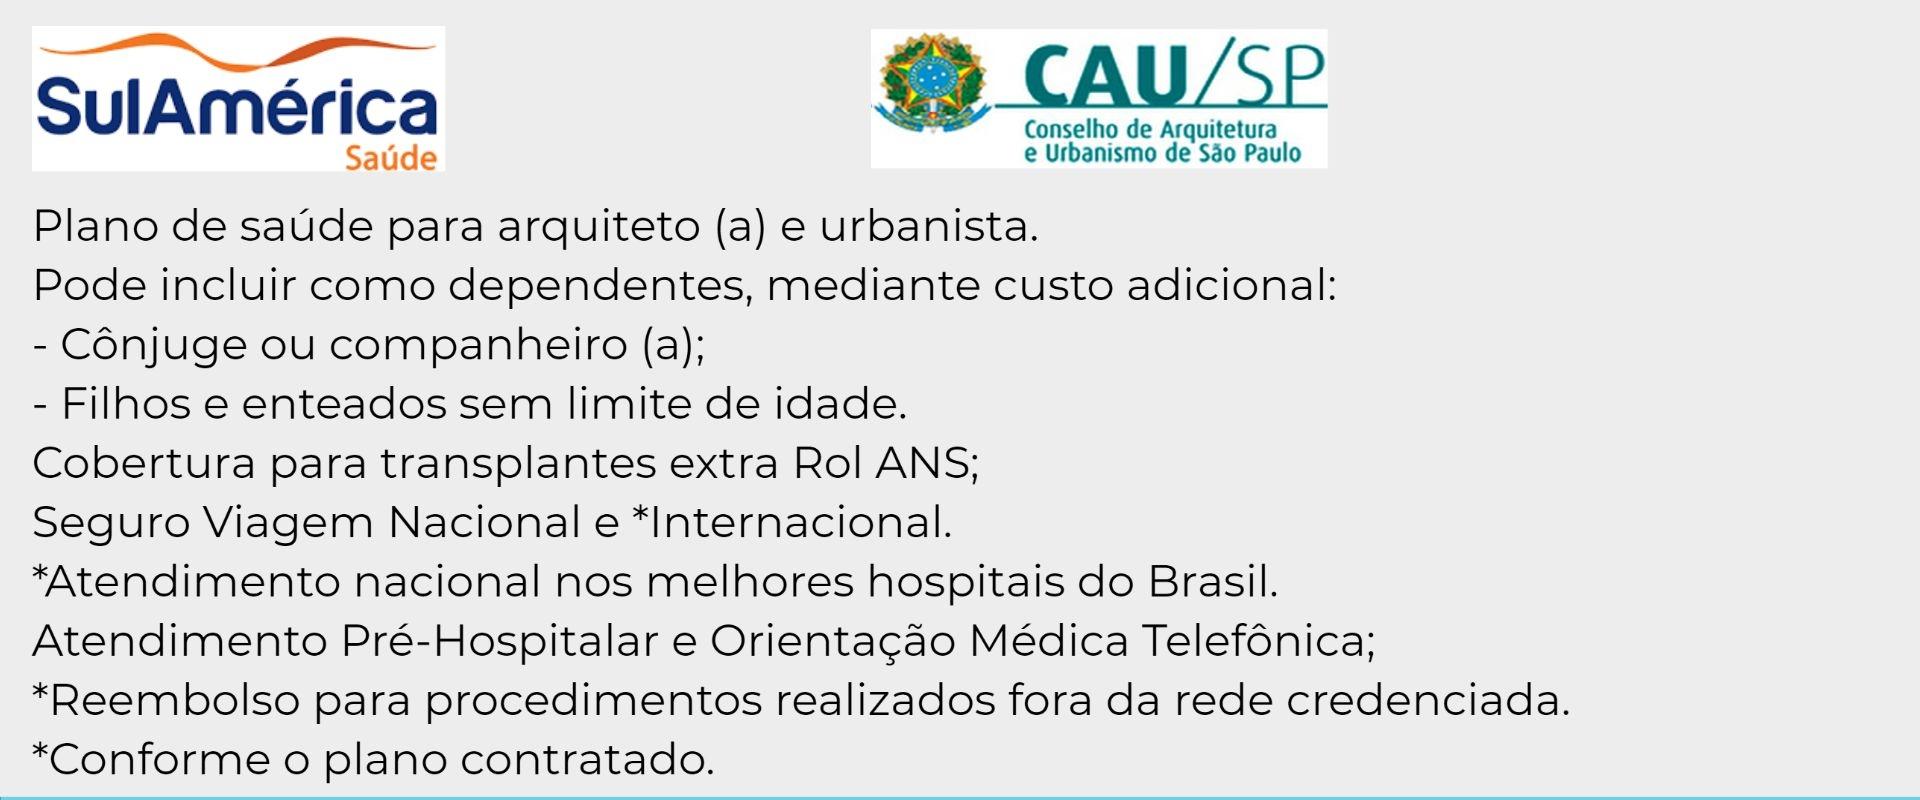 Sul América CAU-SP